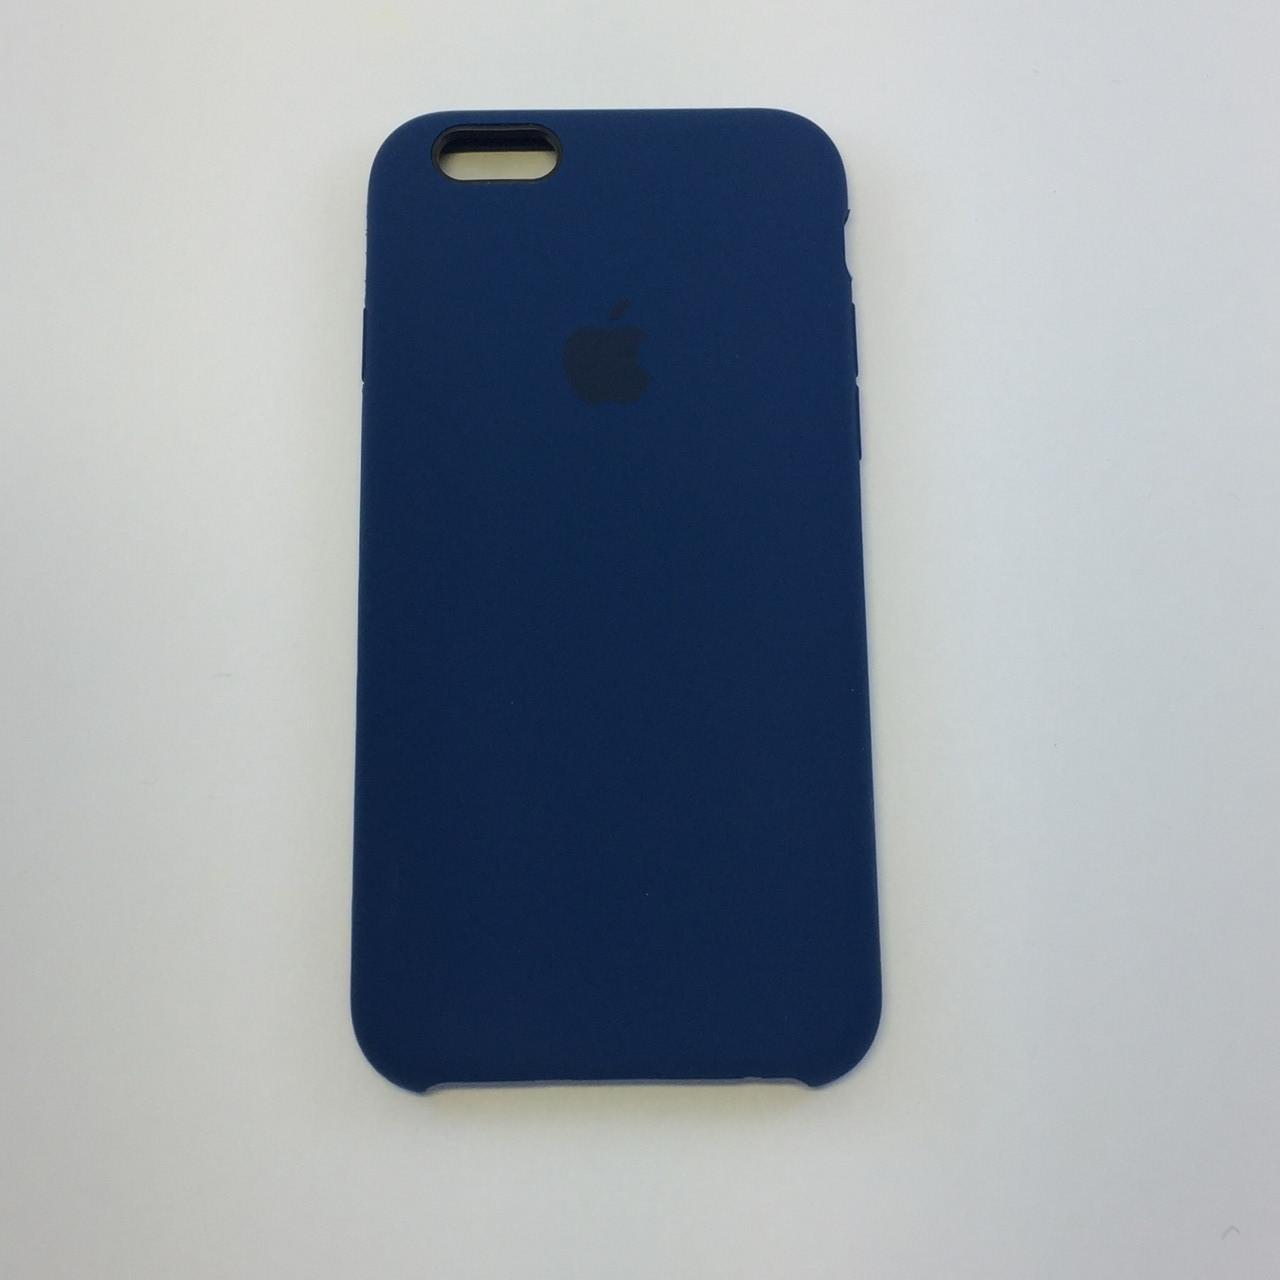 Силиконовый чехол iPhone 6 Plus / 6s Plus, оригинальный синий, copy original